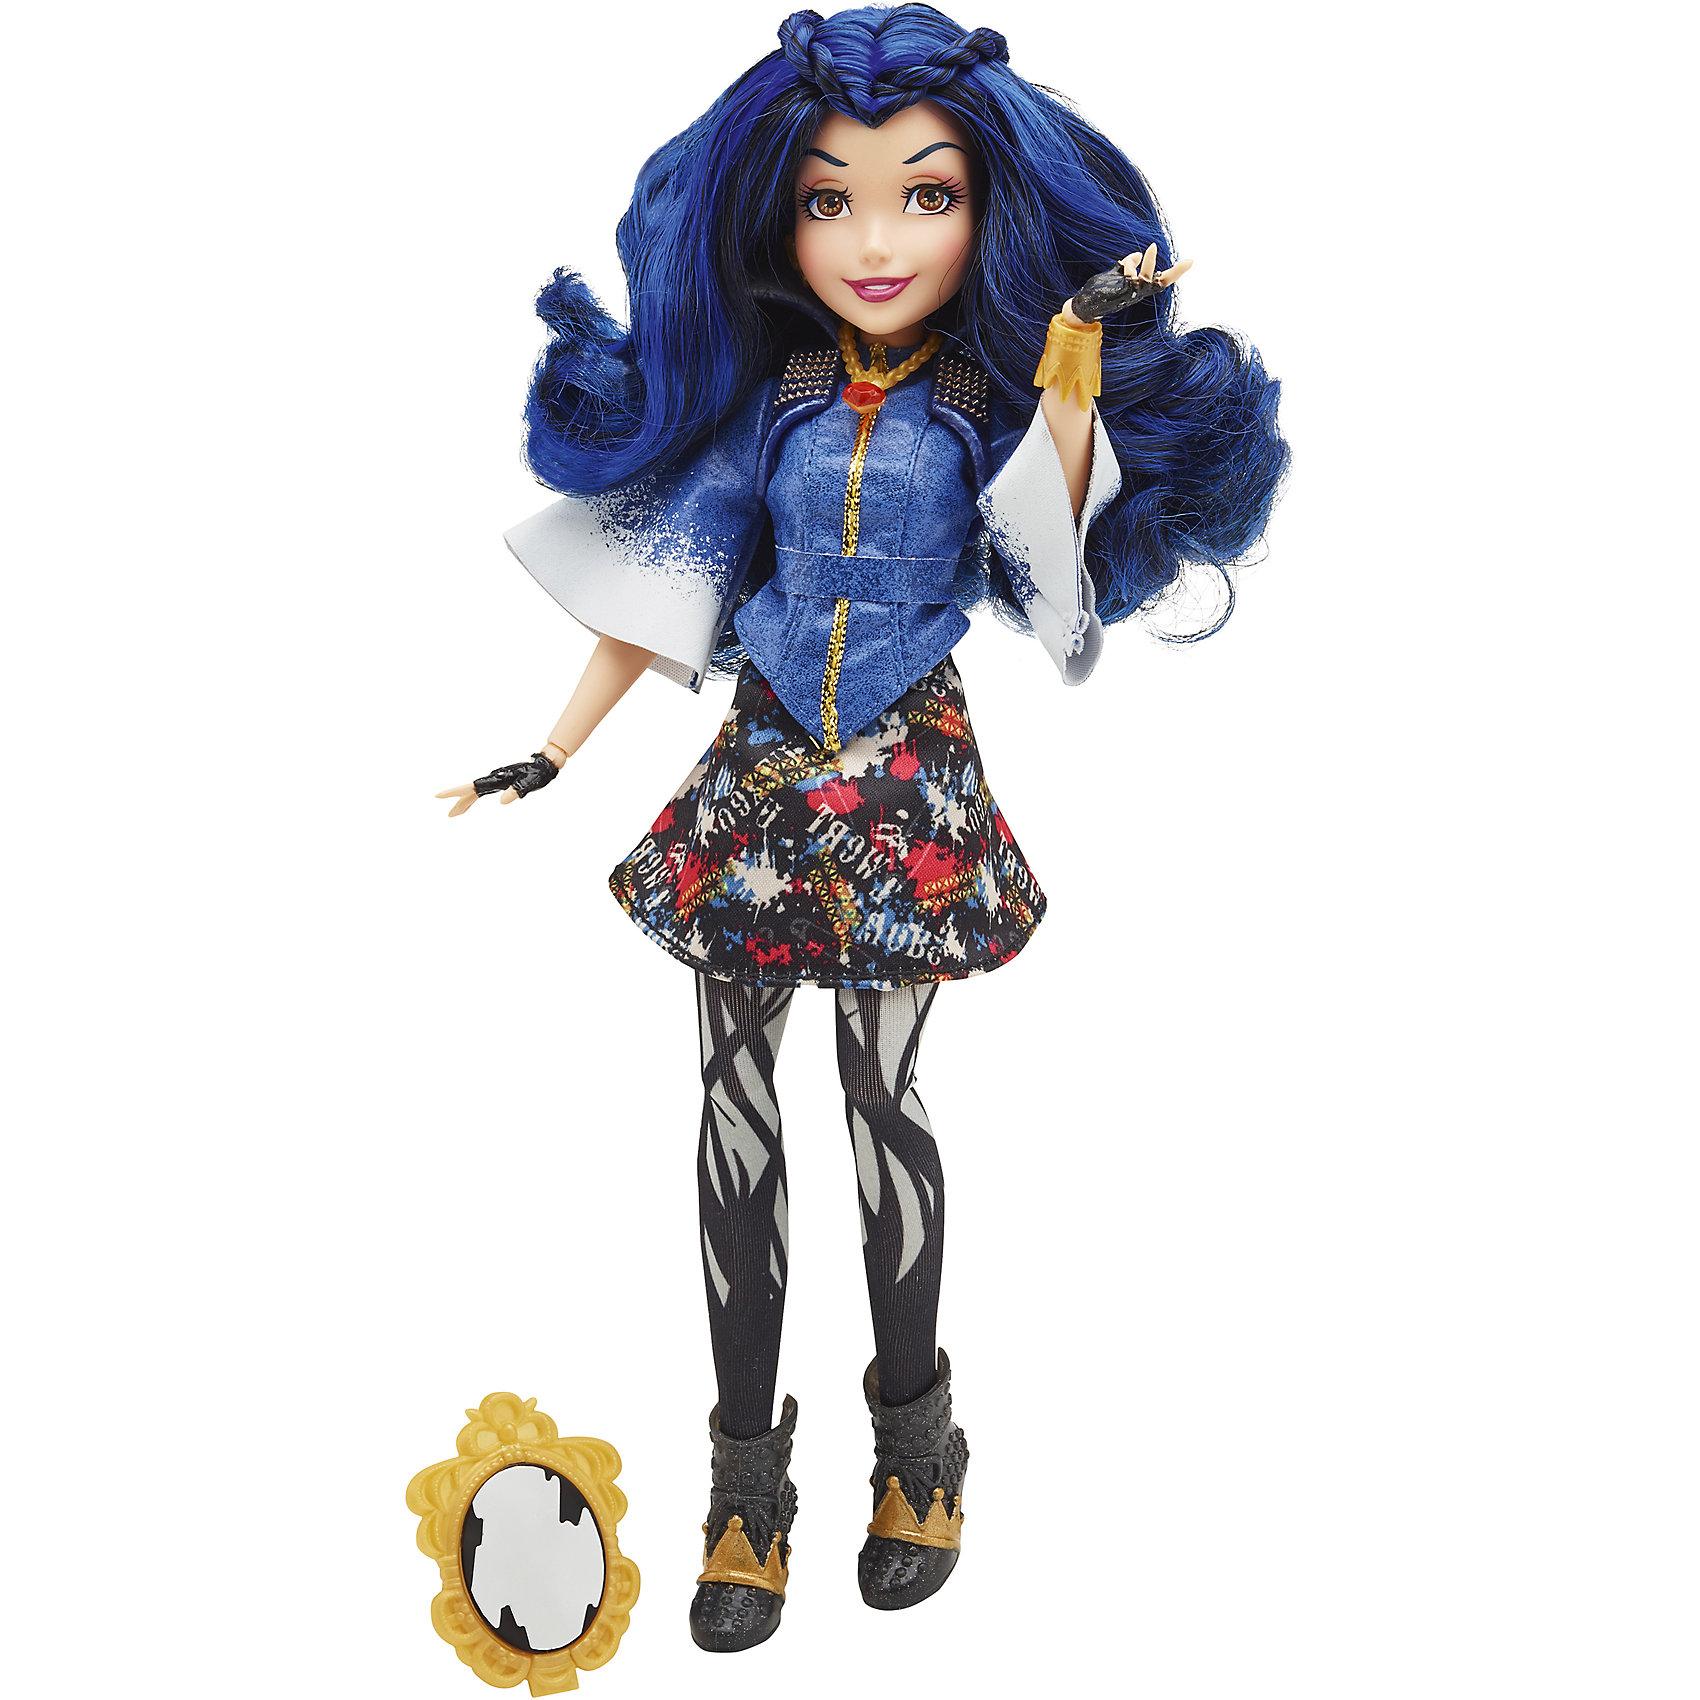 Темные герои в оригинальных костюмах, Наследники, Disney, B3115/B3113Встречайте кукол,  детей злодеев,  в их традиционных нарядах. Куклы  с различными точками артикуляции могут принимать самые реалистичные позы. Детально проработанные текстильные наряды выглядят убийственно прекрасно! Иви, дочь злой Королевы, - настоящая красотка! Ее густые синие волосы приятно расчесывать, создавая самые невероятные прически. С каждой куклой в наборе идут  аксессуар, медальон и стикеры. <br><br>Дополнительная информация:<br><br>- Материал: пластик, текстиль.<br>- Высота куклы: 27,5 см.<br>- Комплектация: кукла в одежде и обуви, аксессуар, медальон, стикеры. <br><br>Темные герои в оригинальных костюмах, Наследники, Disney (Descendants, Дисней) , можно купить в нашем магазине.<br><br>Ширина мм: 68<br>Глубина мм: 205<br>Высота мм: 337<br>Вес г: 278<br>Возраст от месяцев: 72<br>Возраст до месяцев: 144<br>Пол: Женский<br>Возраст: Детский<br>SKU: 4563926